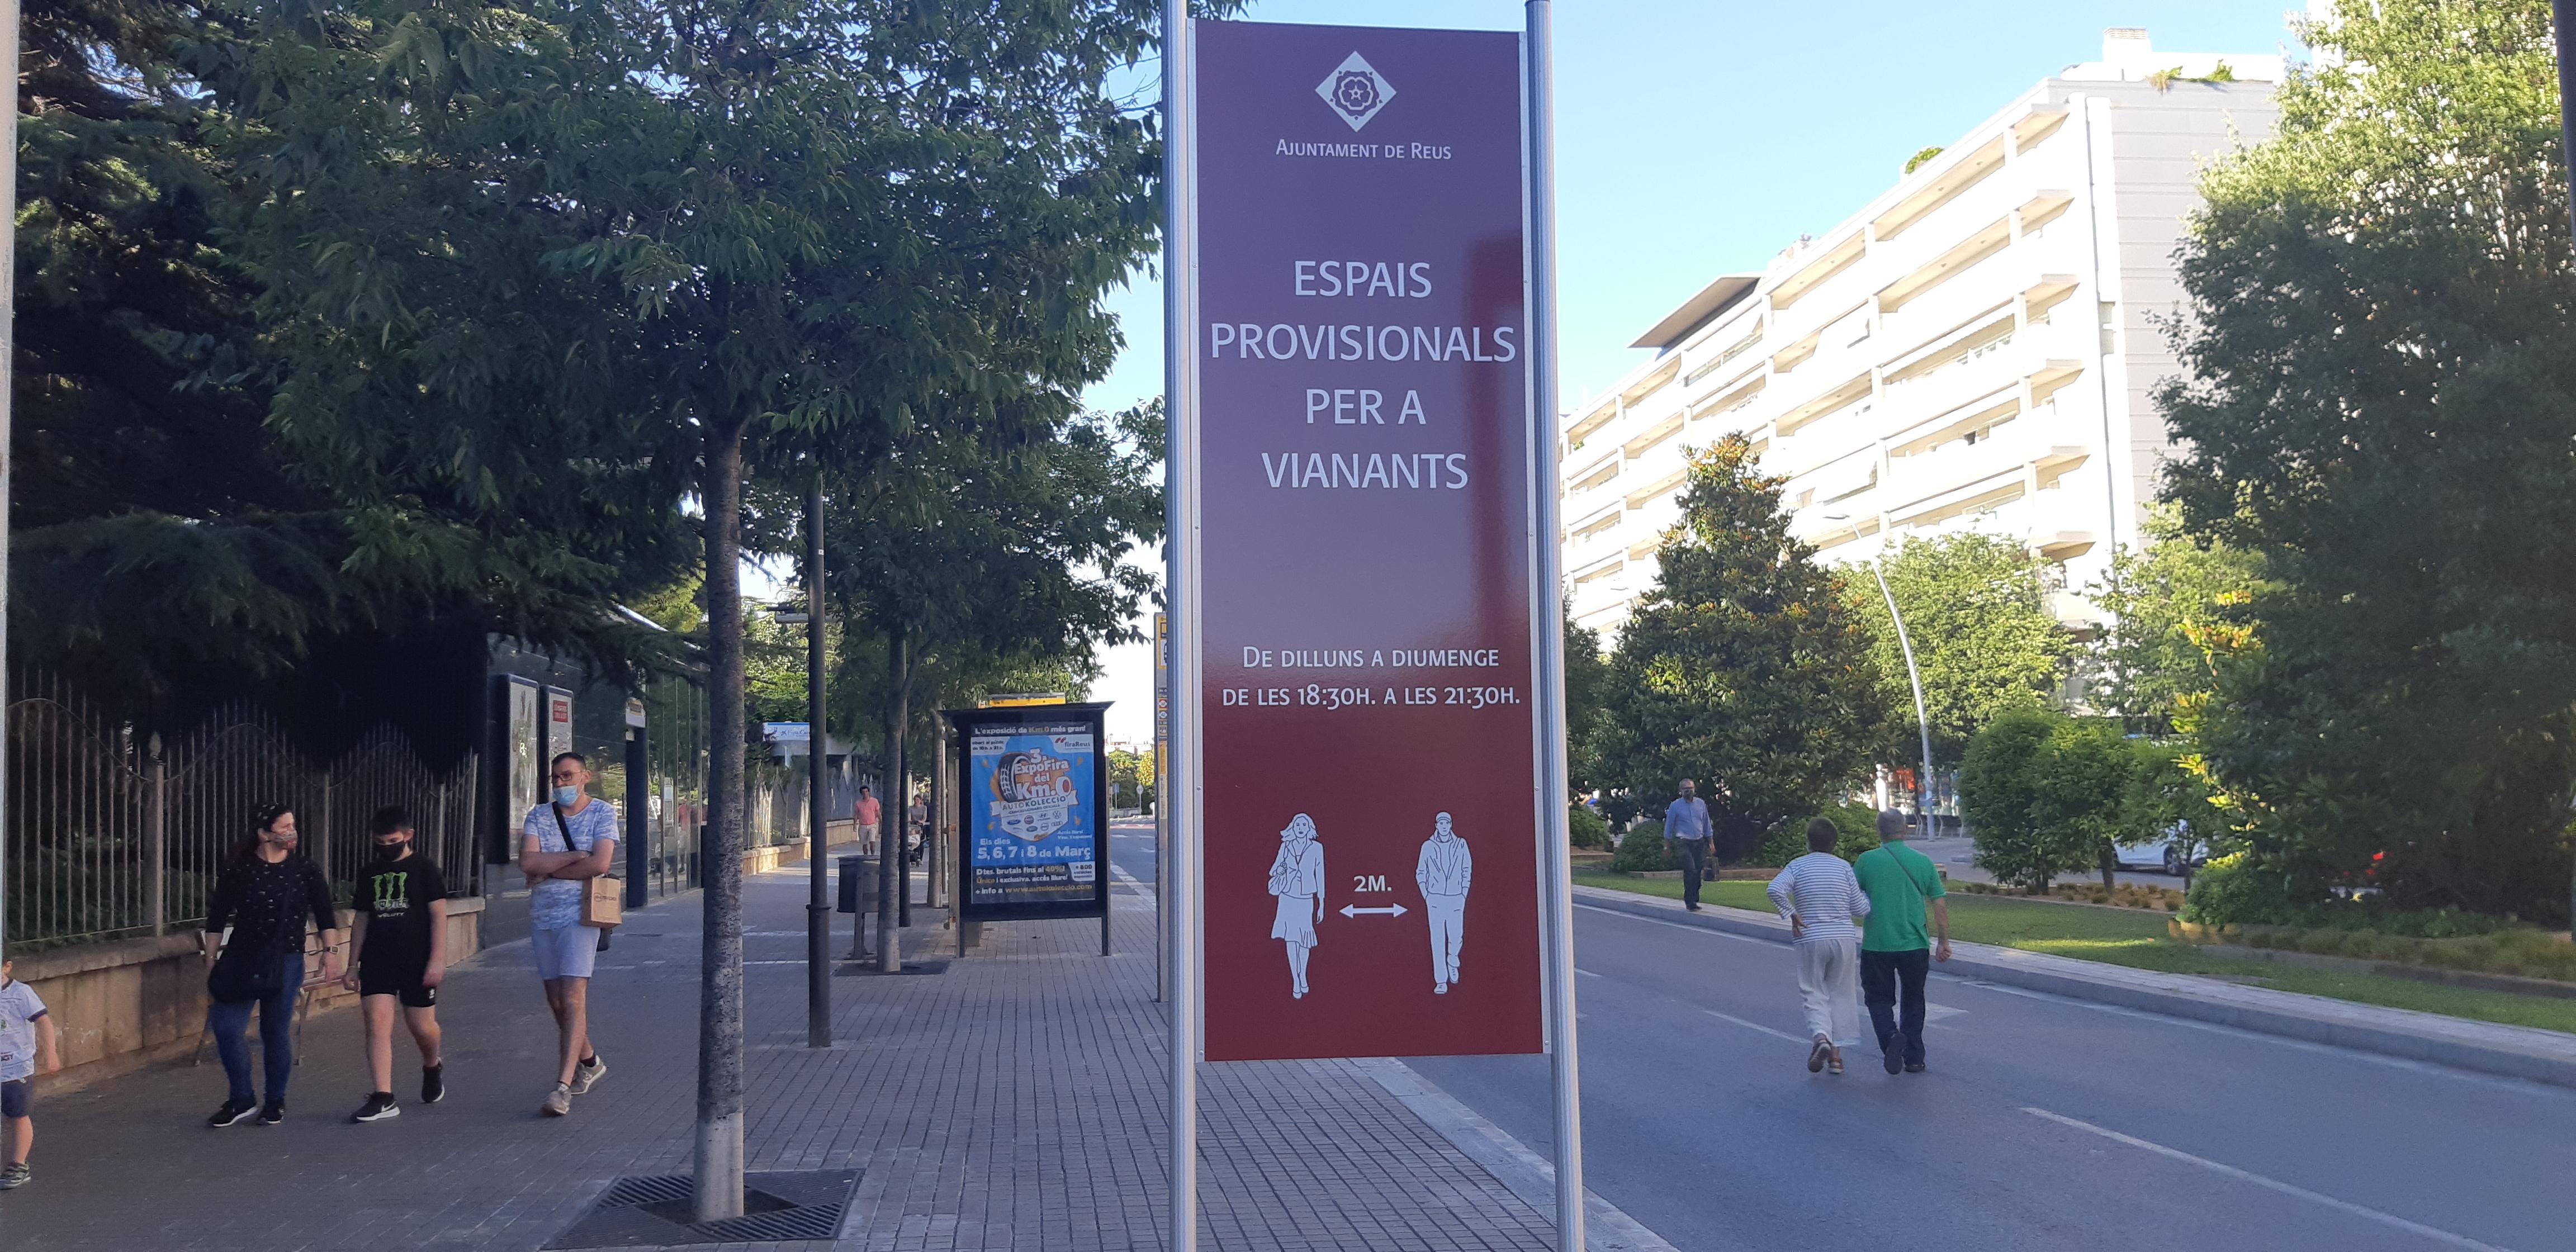 L'avinguda Sant Jordi tornarà a obrir-se al trànsit tot el dia a partir d'aquest divendres 12 de juny. Després dels primers dies de ...